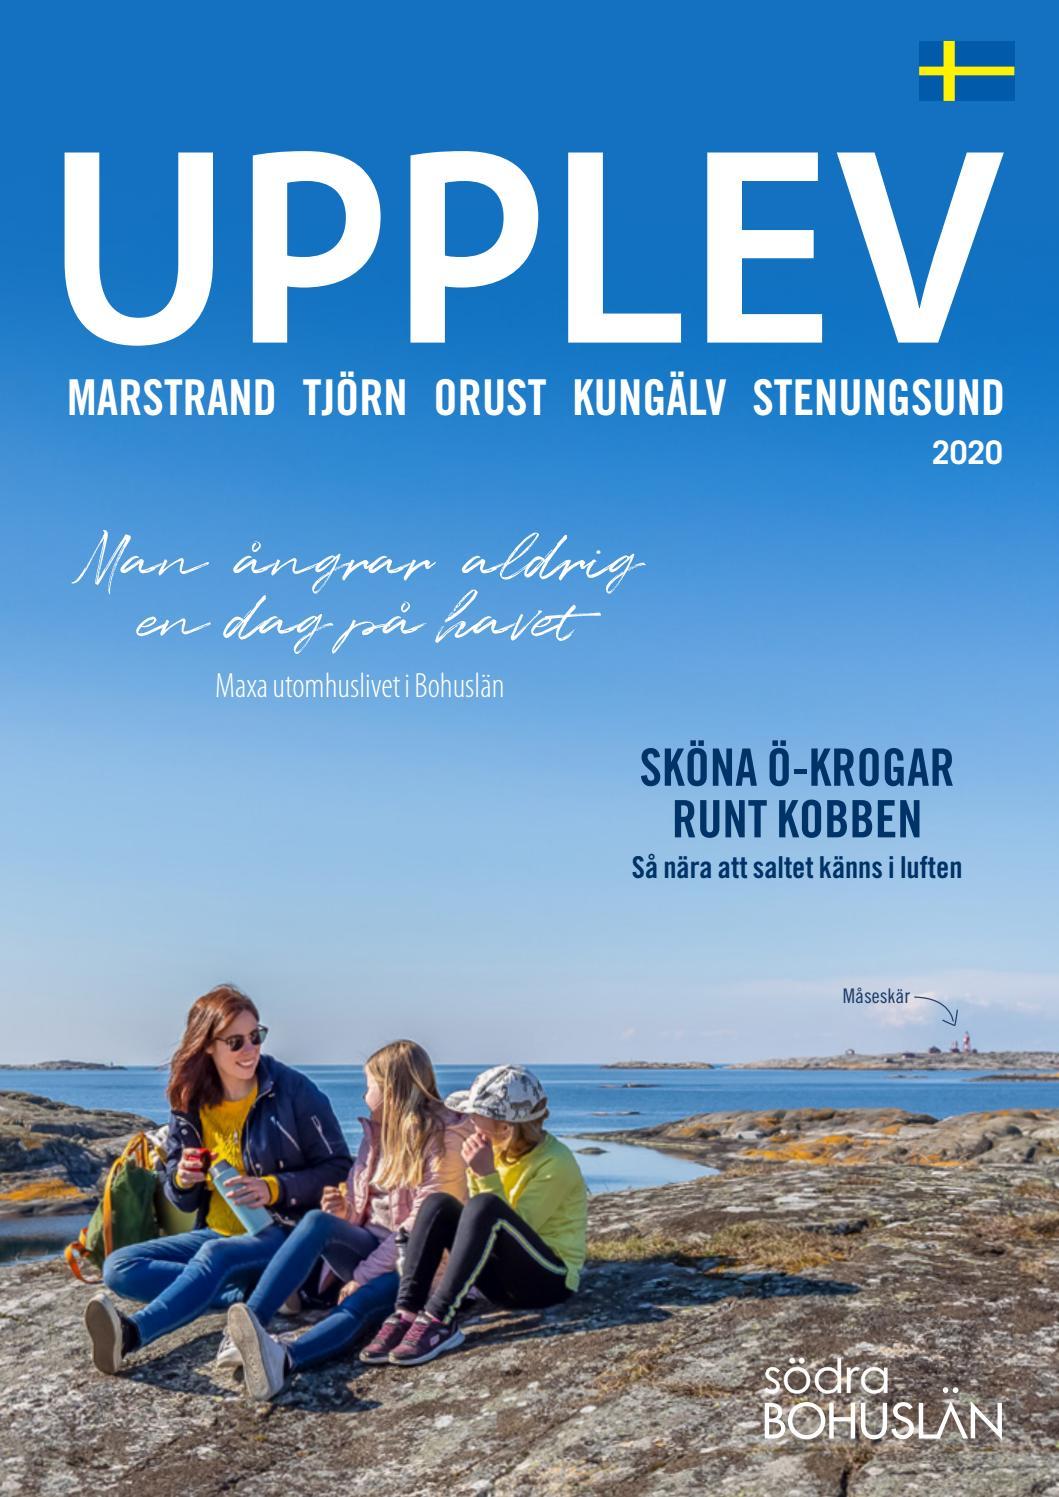 Trffpunkter och mtesplatser fr seniorer - Stockholms stad